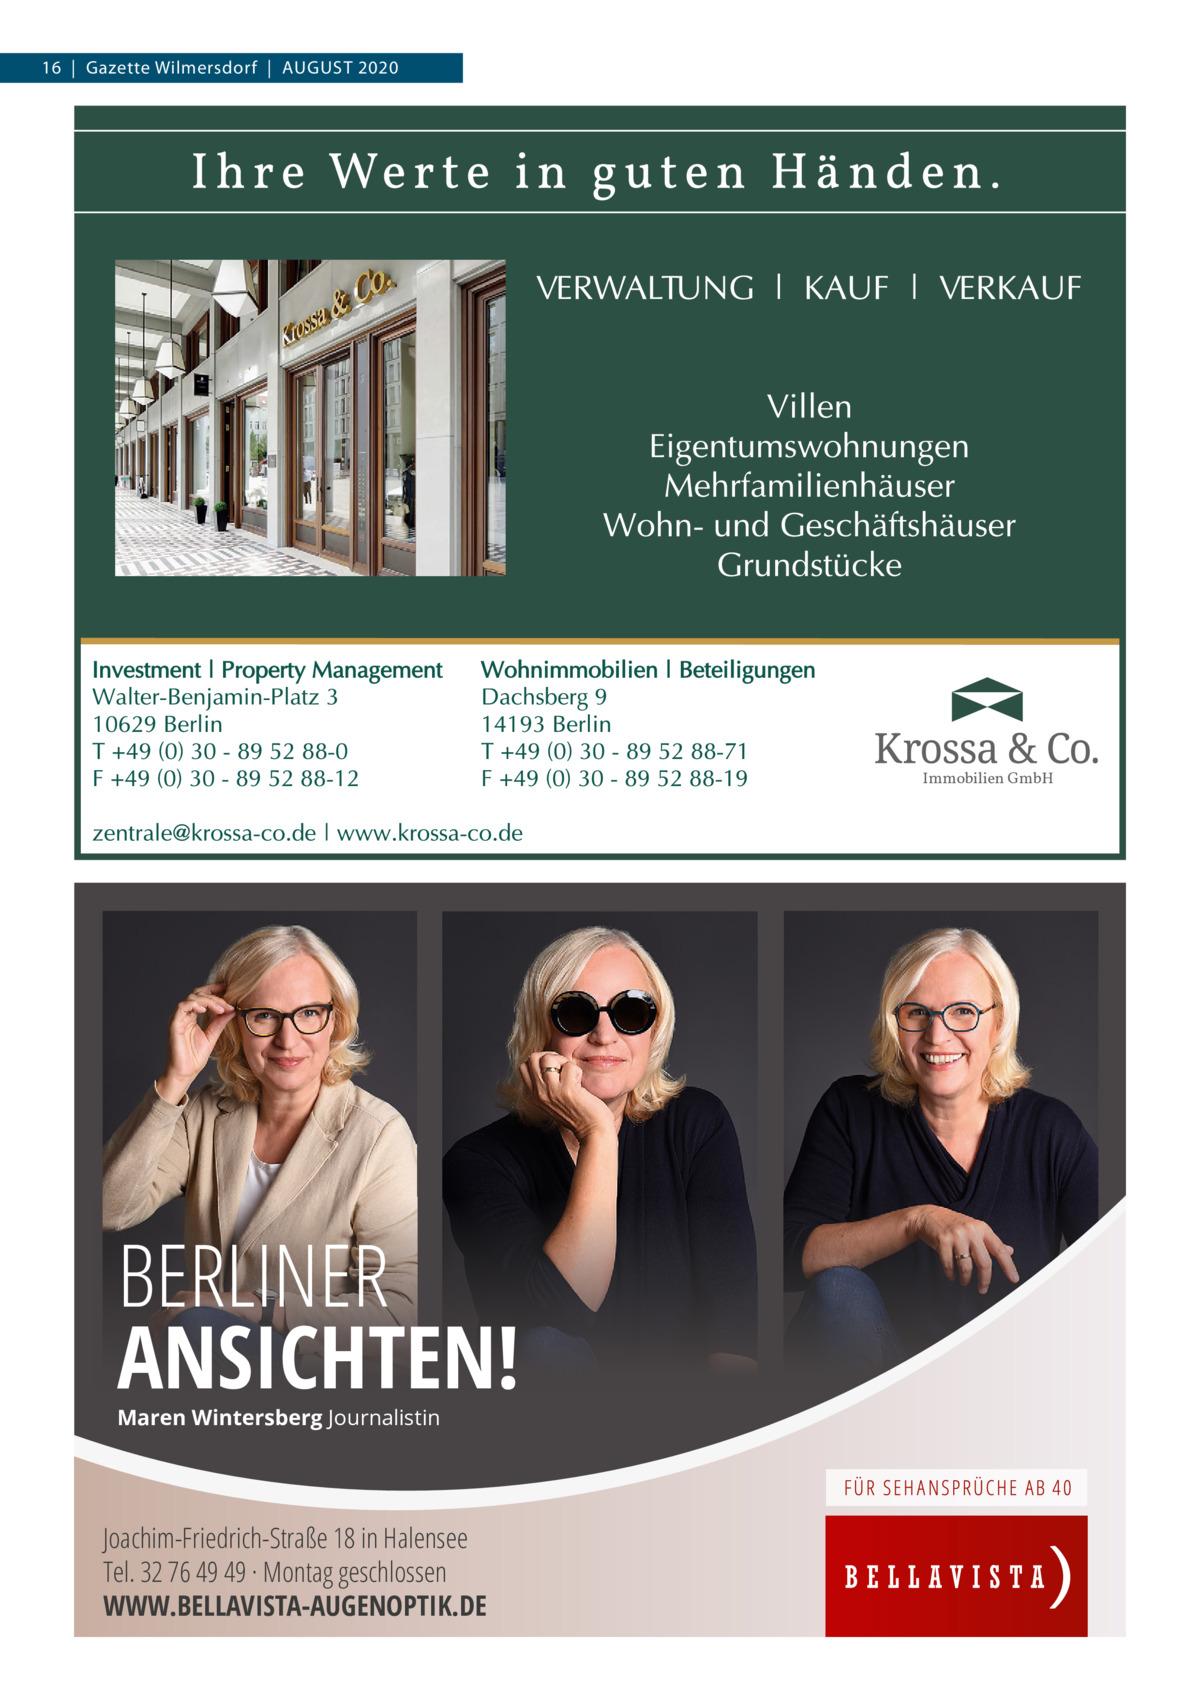 16 Gazette Wilmersdorf AuGust 2020  Immobilien GmbH  BERLINER ANSICHTEN! Maren Wintersberg Journalistin  Joachim-Friedrich-Straße 18 in Halensee Tel. 32 76 49 49 · Montag geschlossen WWW.BELLAVISTA-AUGENOPTIK.DE